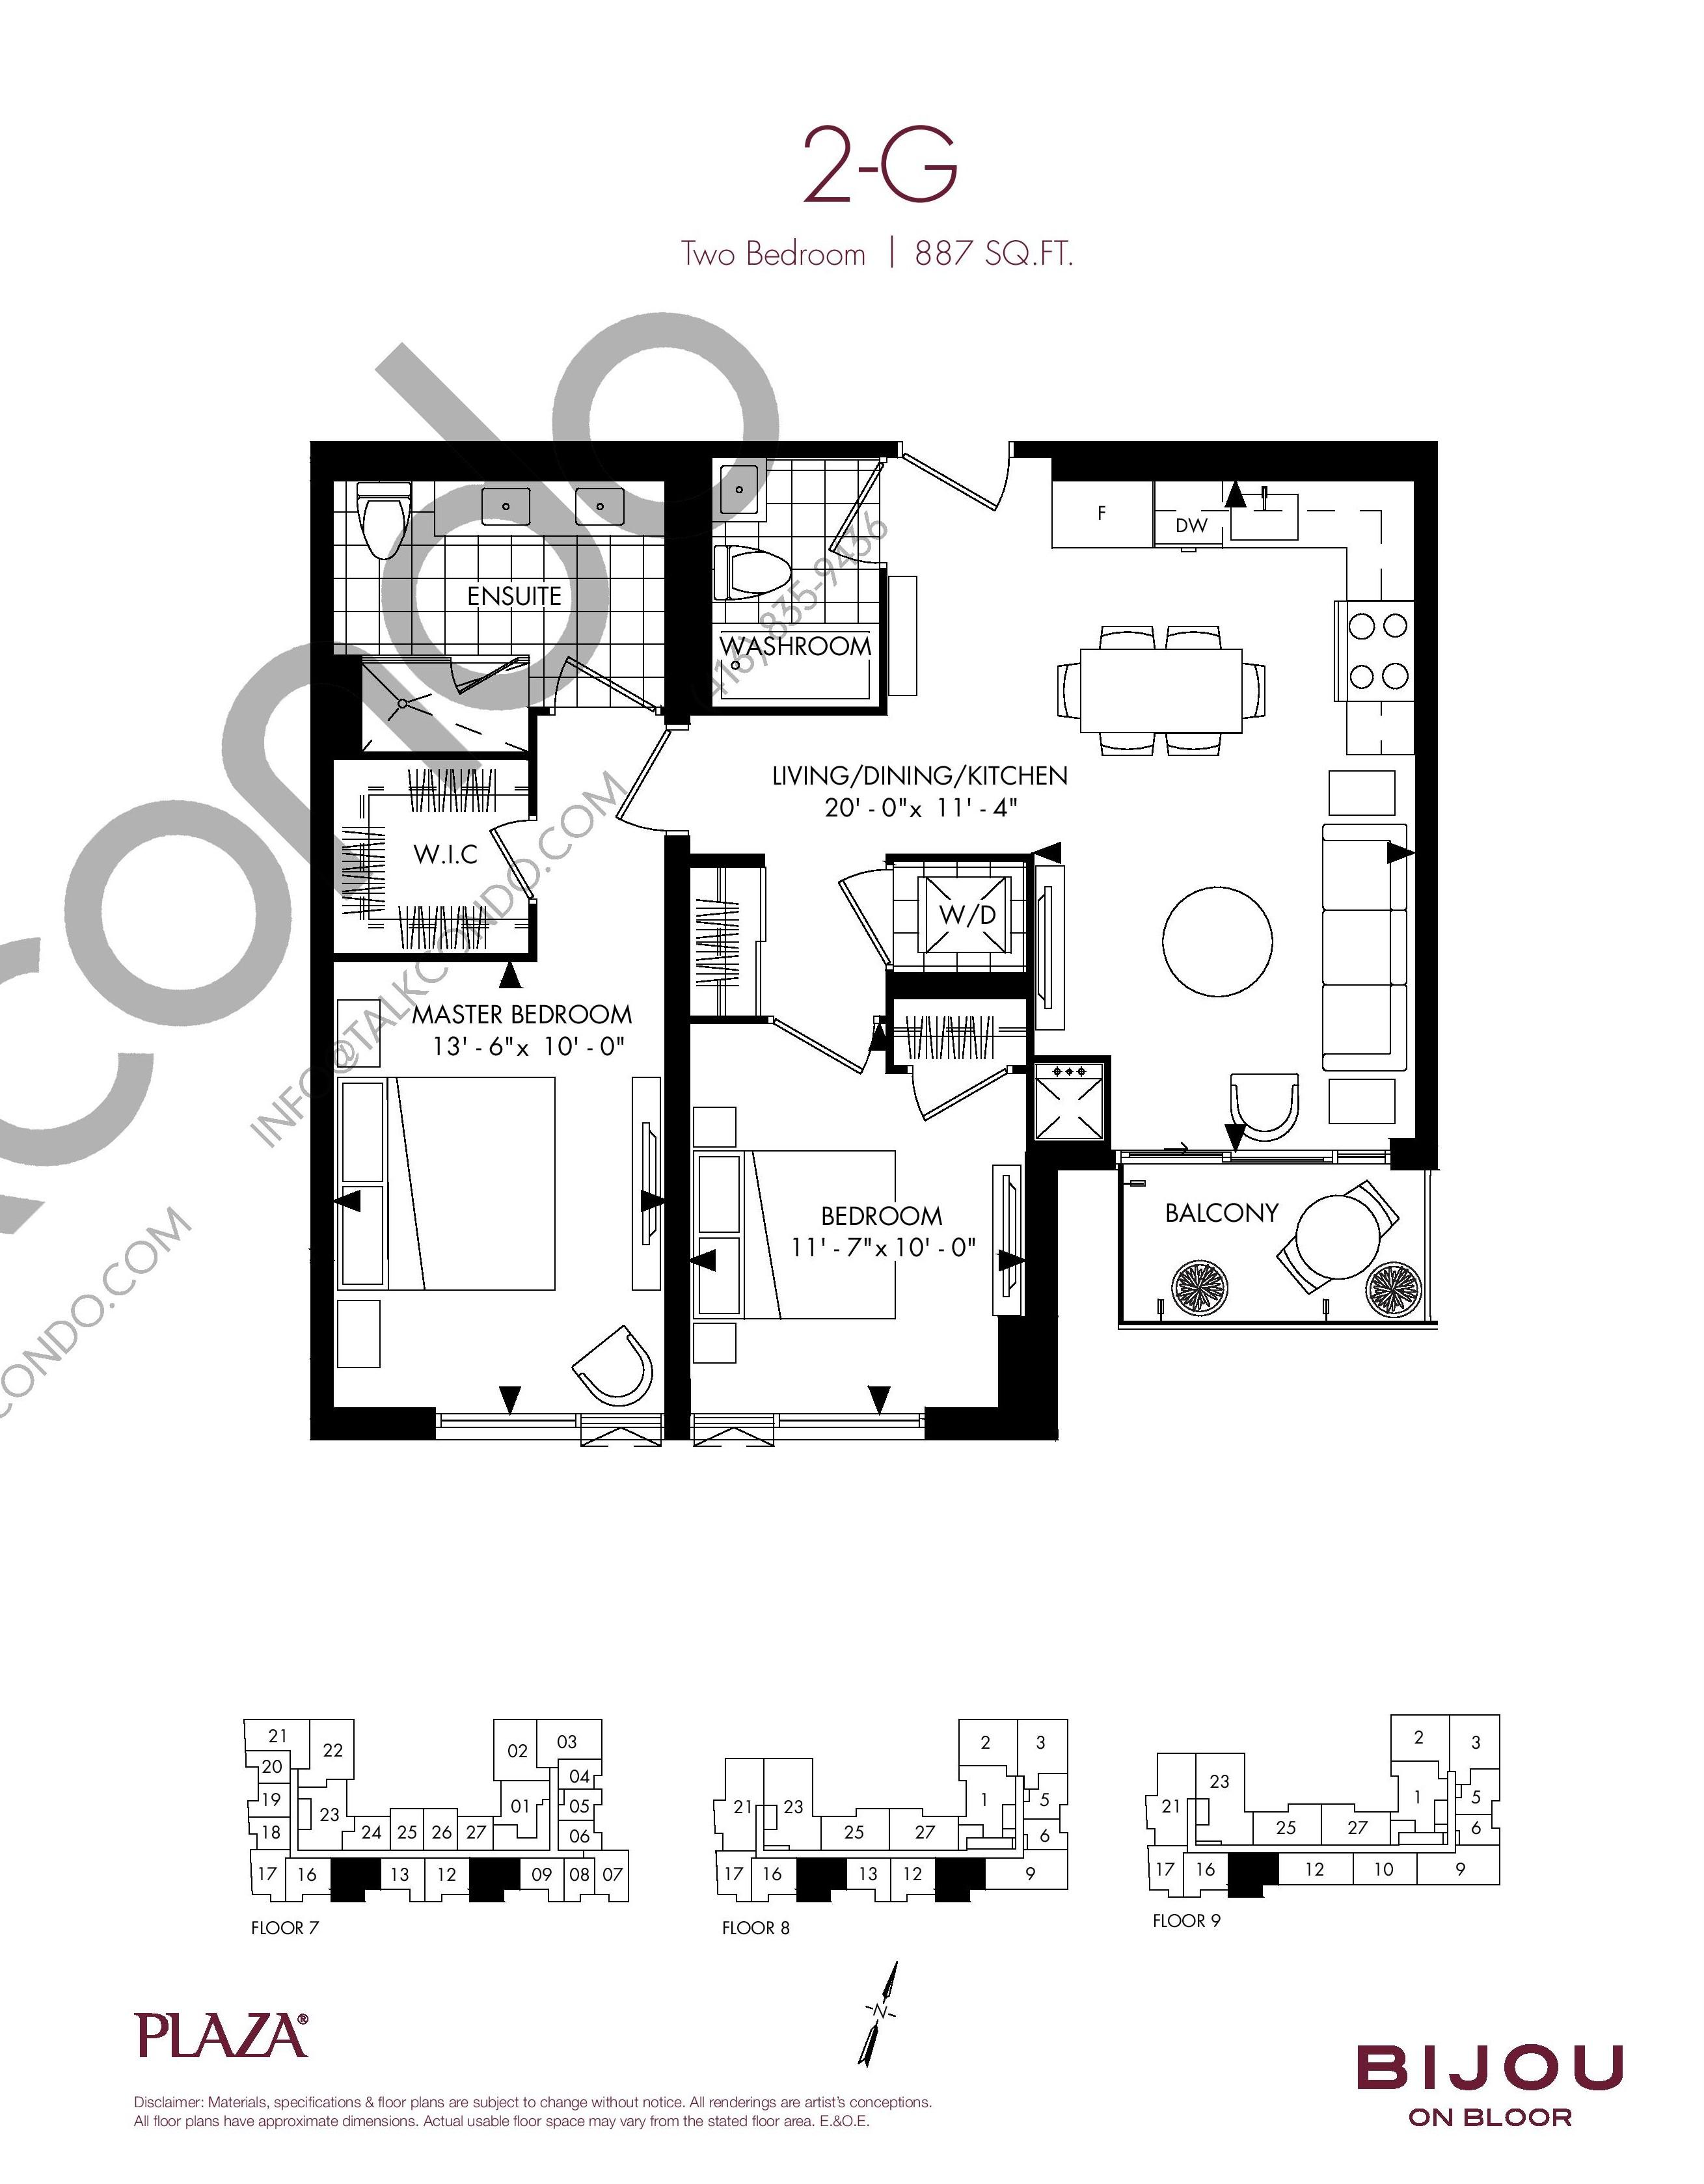 2-G Floor Plan at Bijou On Bloor Condos - 887 sq.ft